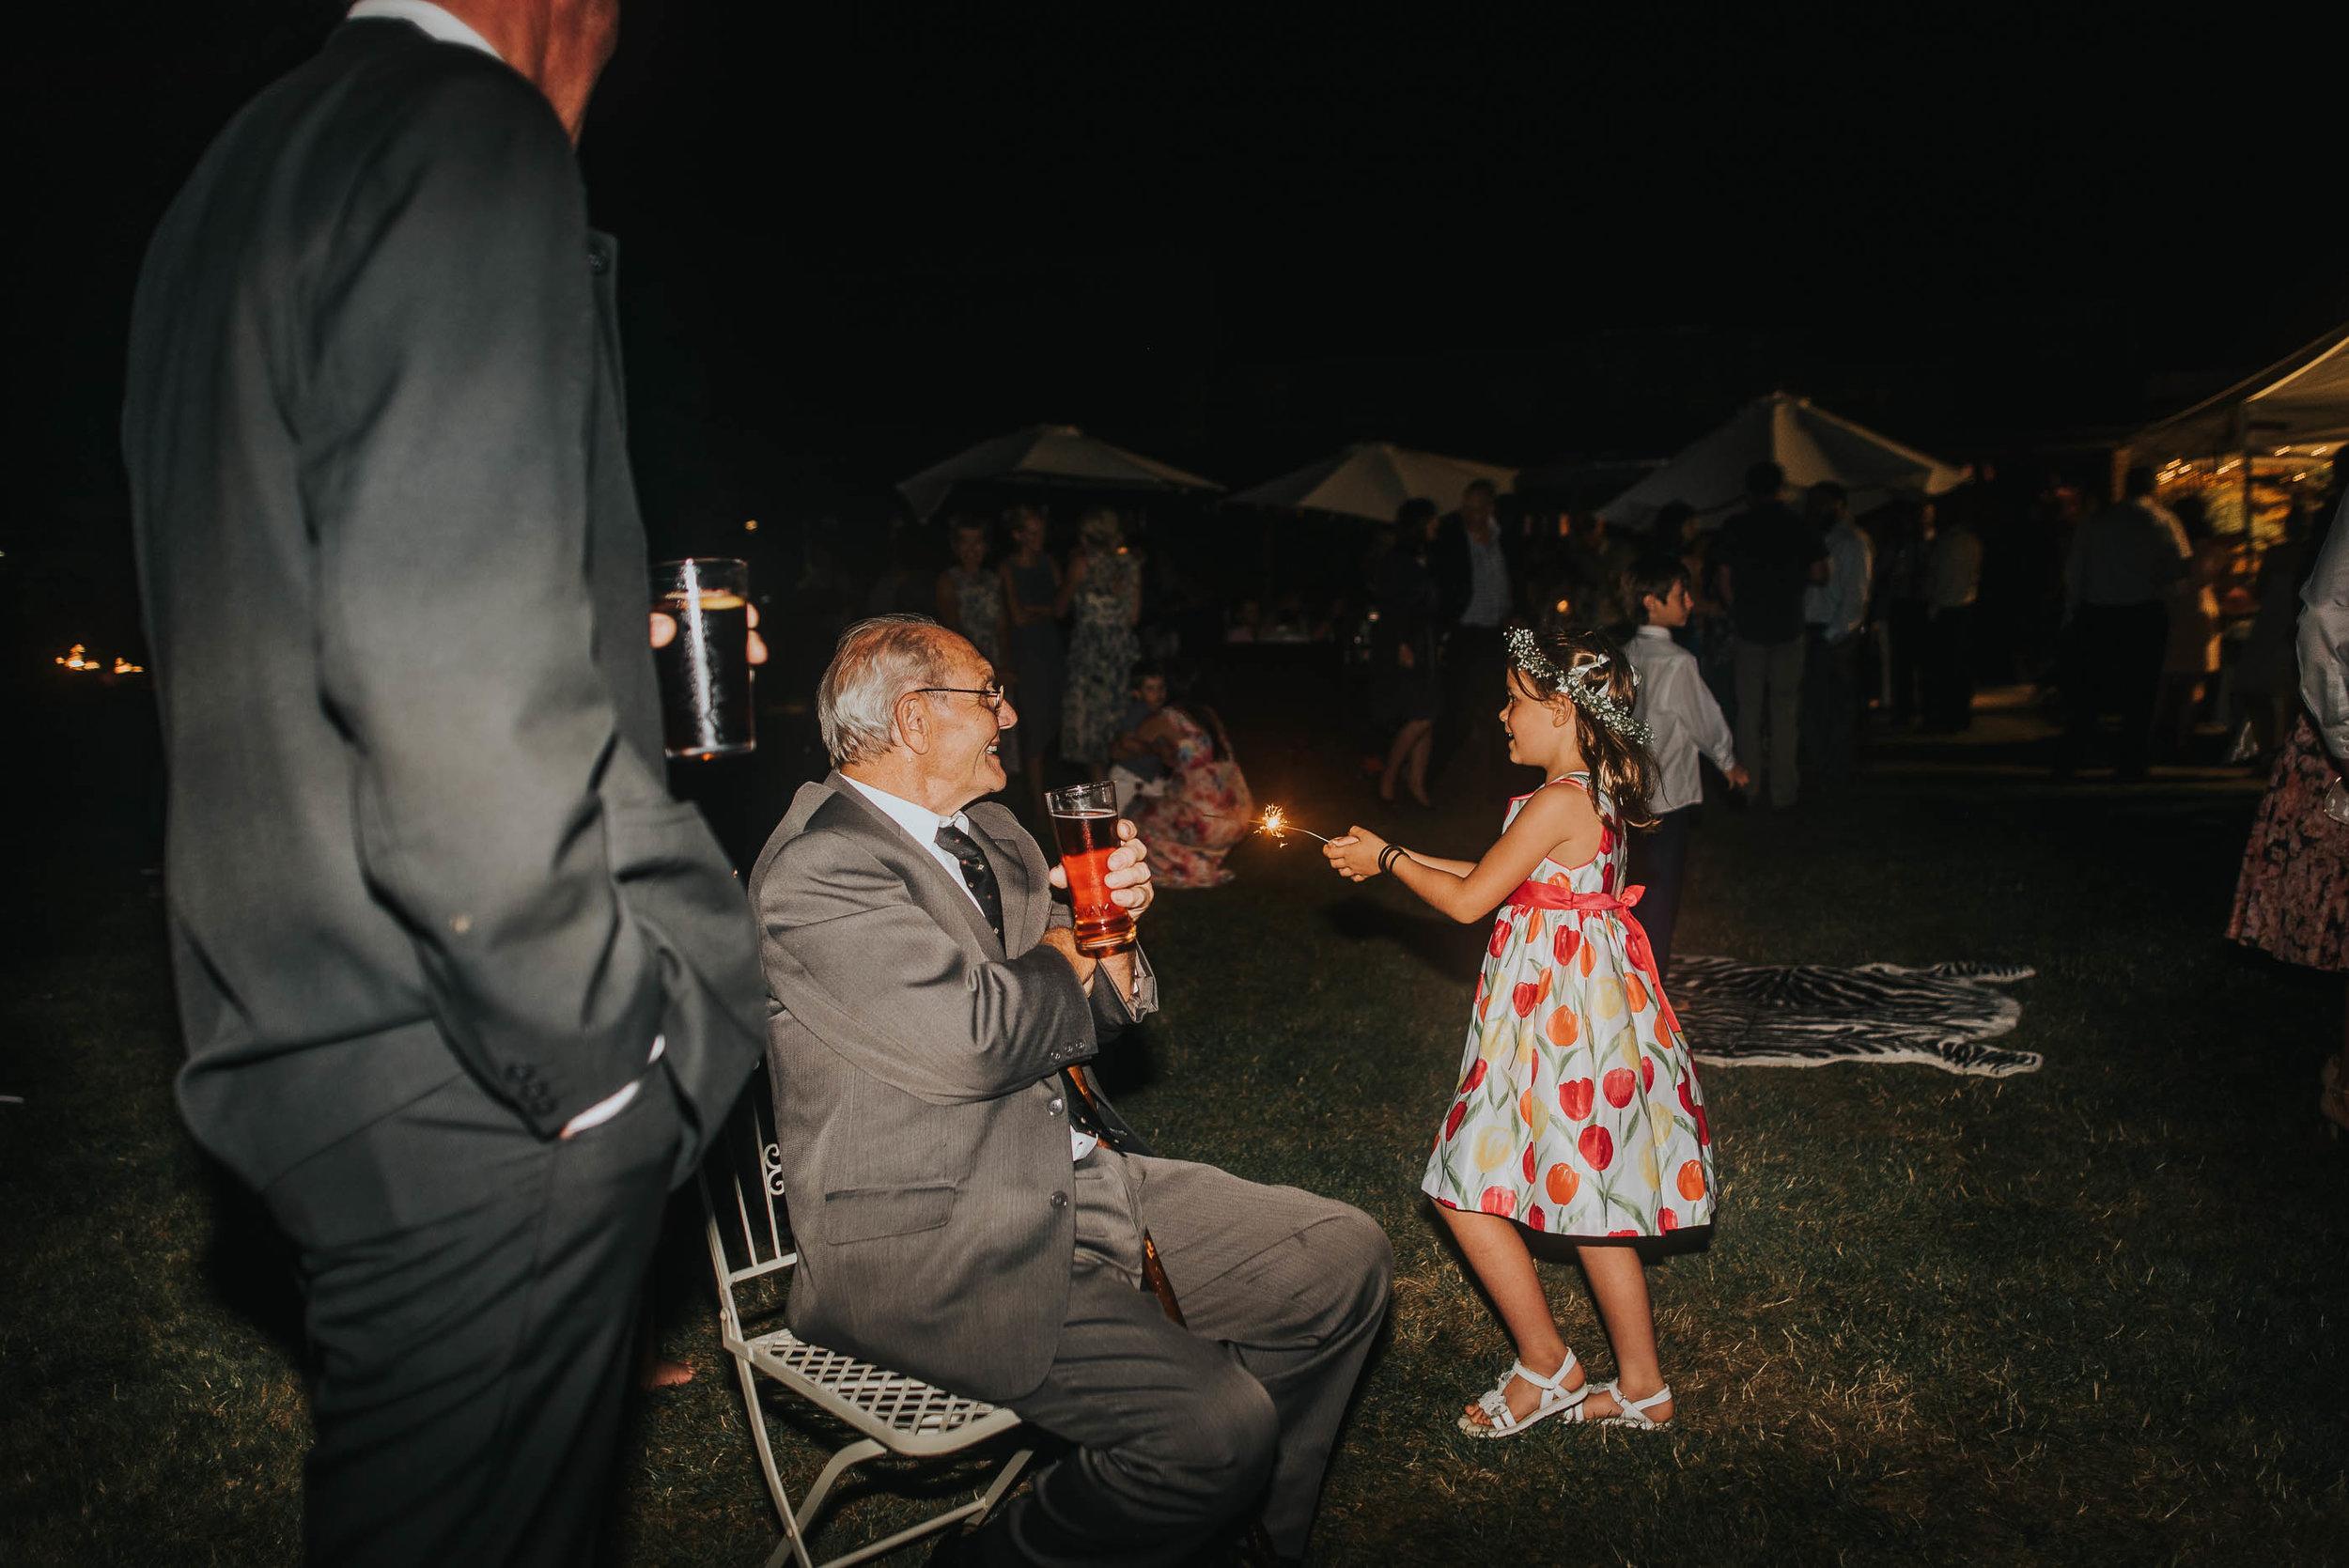 Creative Unique Wedding Photographer Essex Suffolk UK Wedding Photographer www.purplepeartreephotography.com (1121).JPG